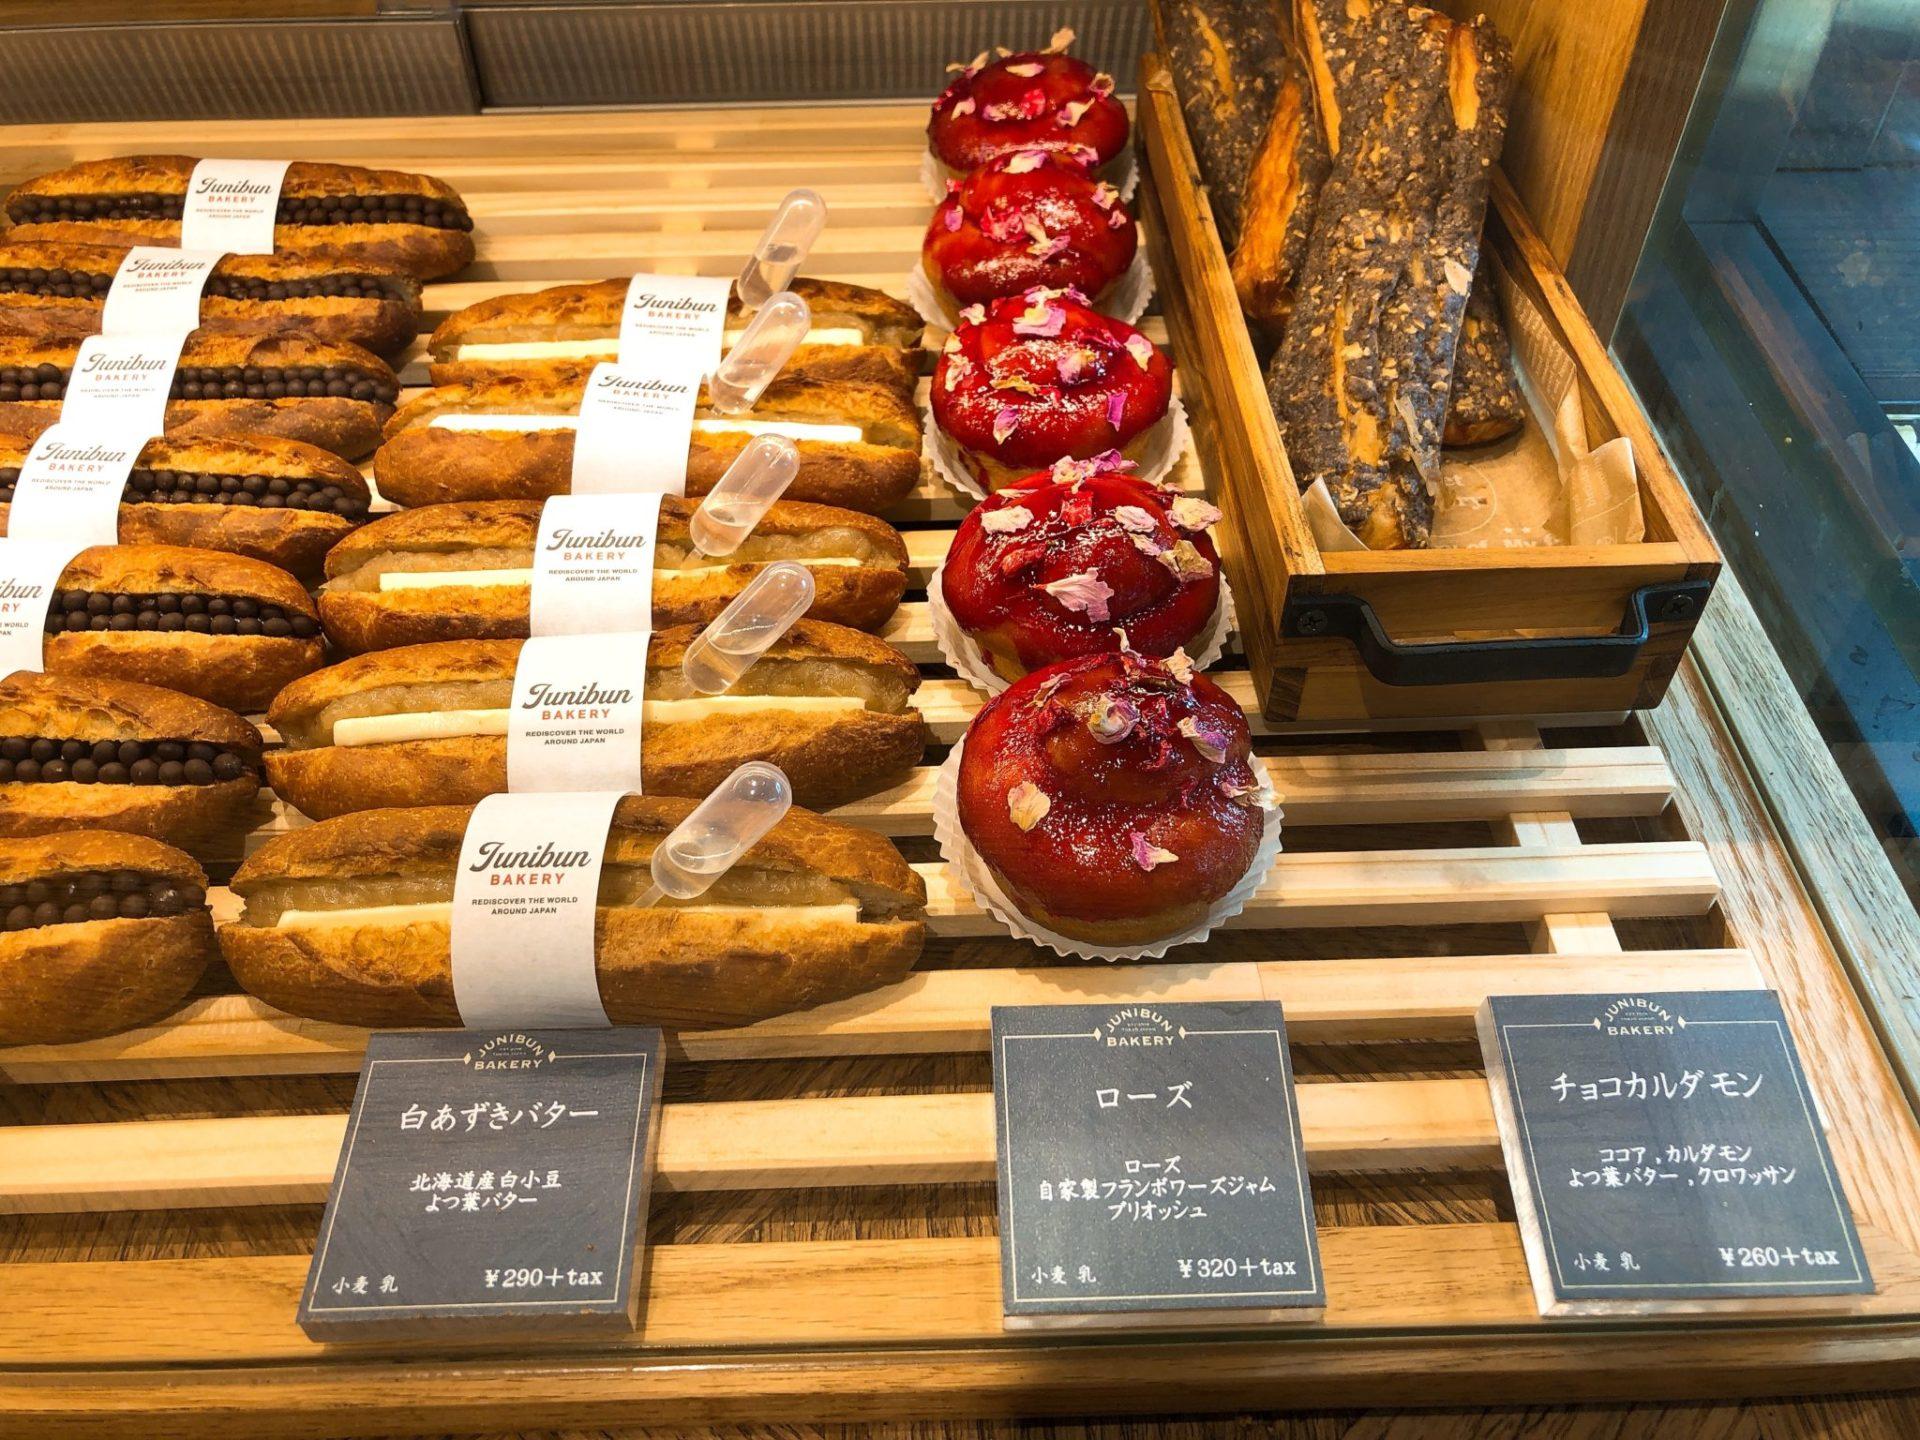 ジュウニブンベーカリー 三軒茶屋本店の白あずきバターフランス